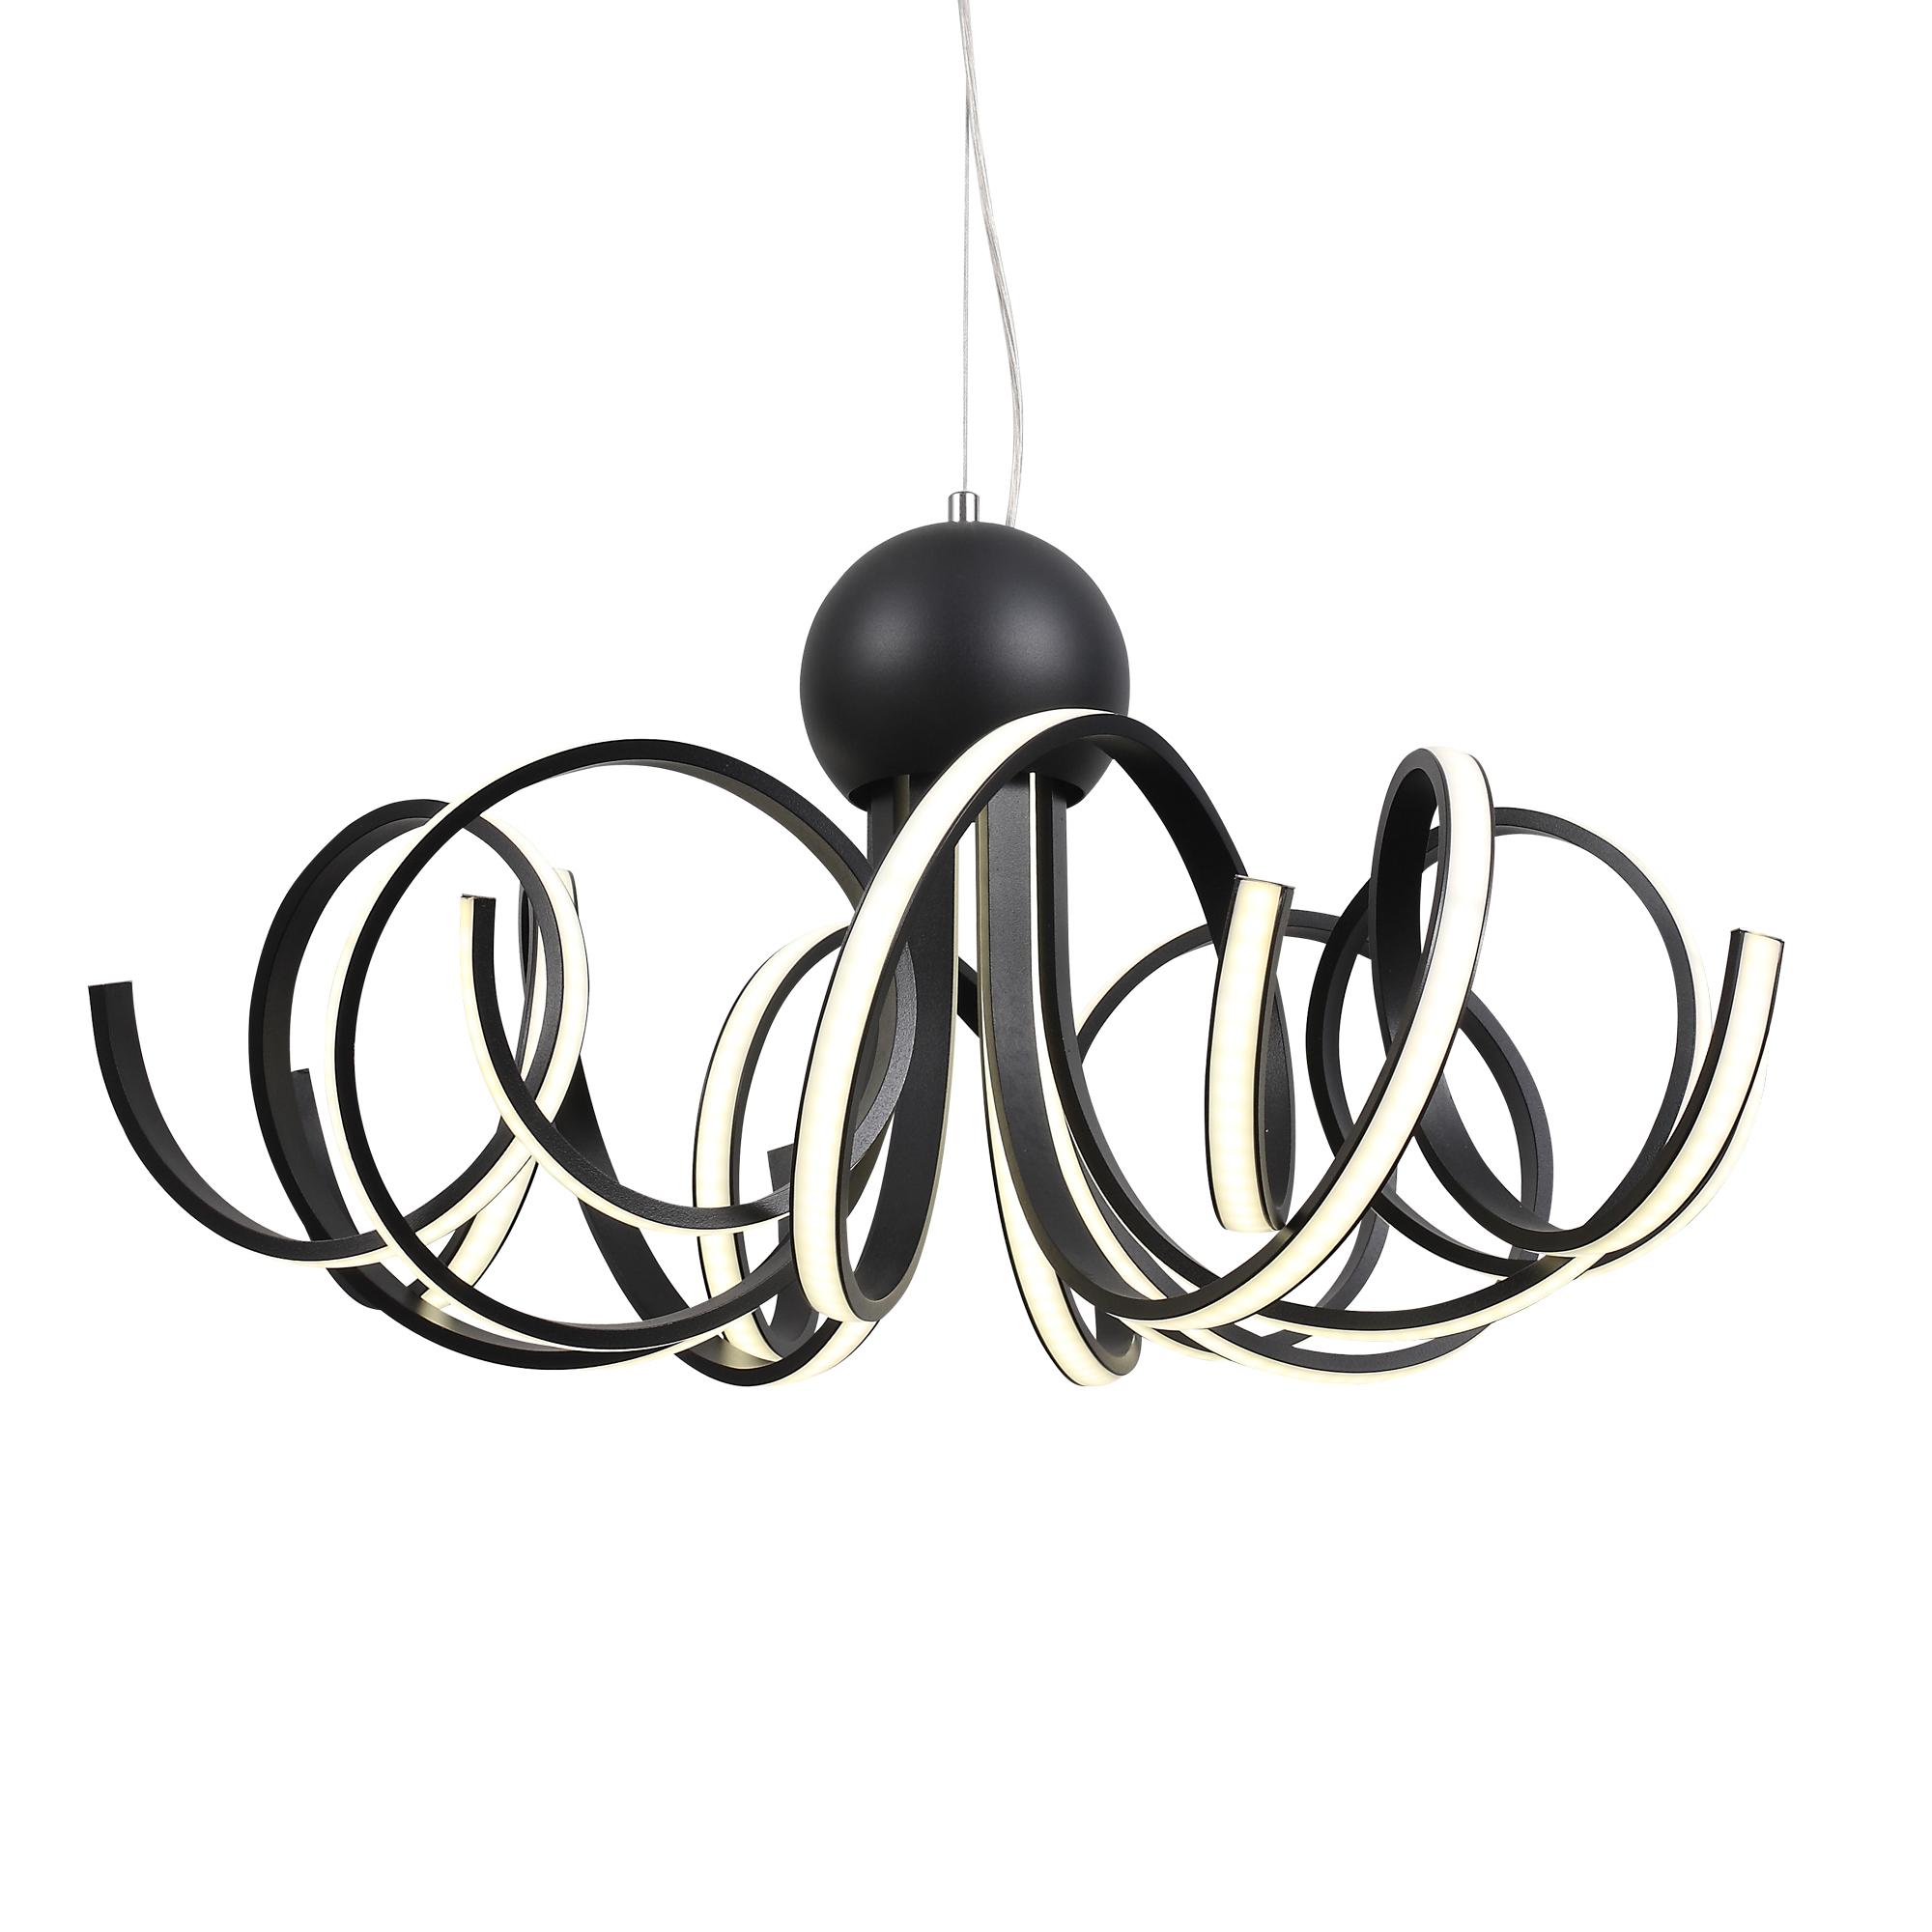 Подвесная светодиодная люстра ST Luce Fondere SL906.403.08, LED 120W, 4000K (дневной), черный, белый, металл, пластик - фото 10